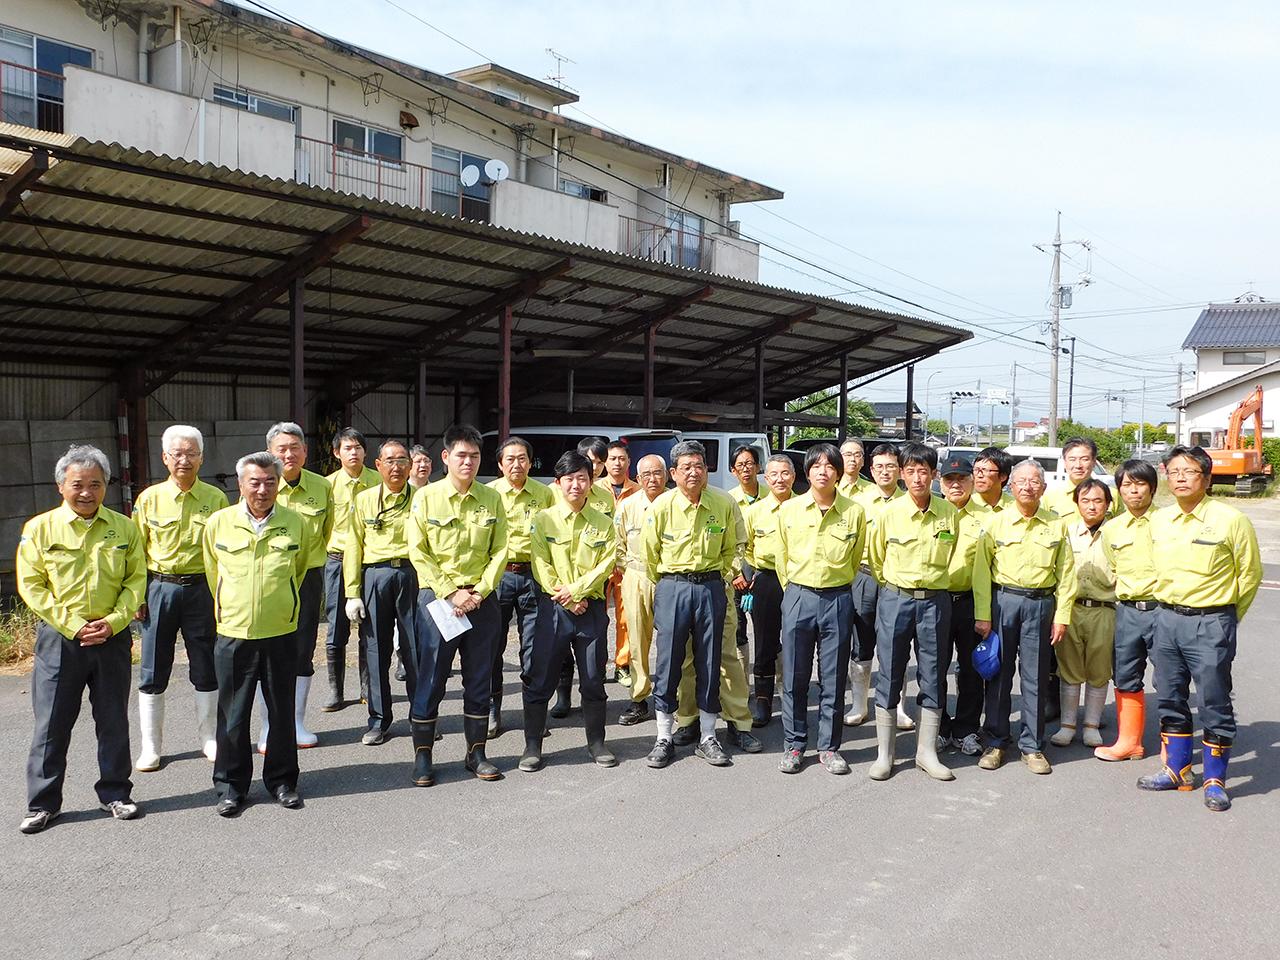 当社が企画したボランティア活動を実施しました。